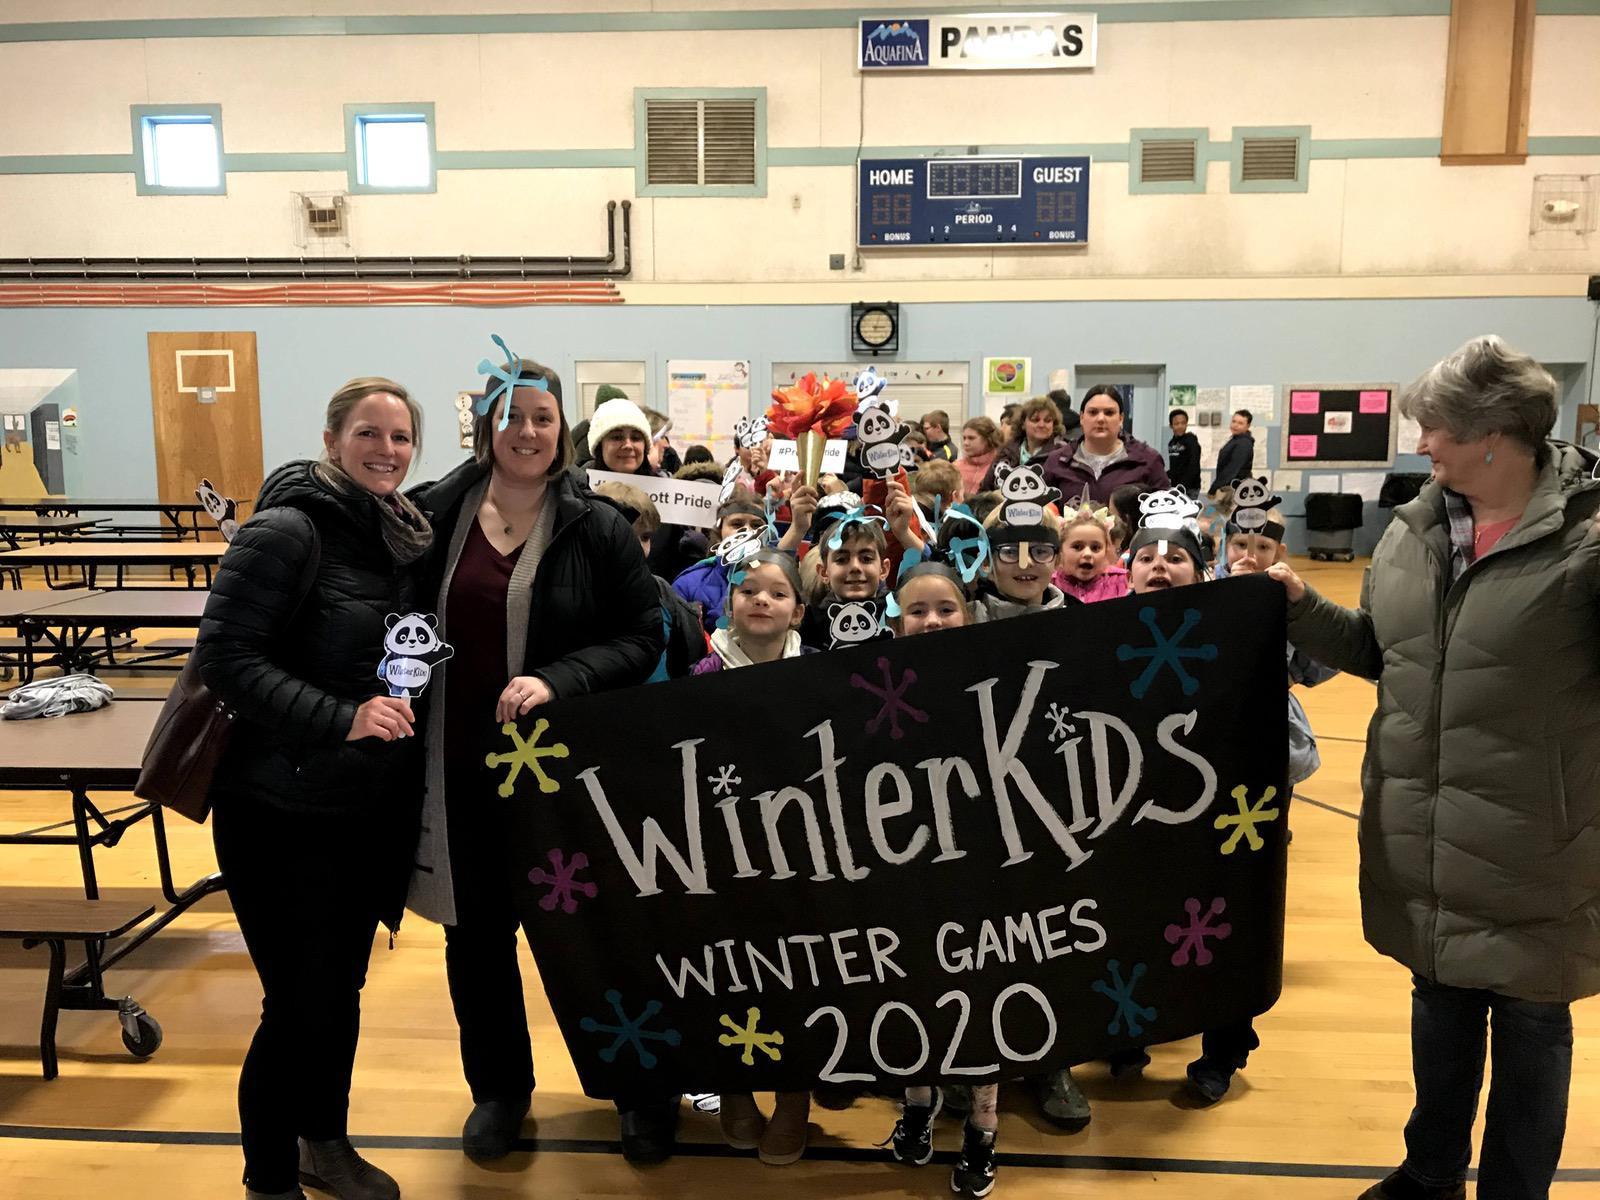 Morgan Hynd WinterKids Winter Games at Prescott Memorial